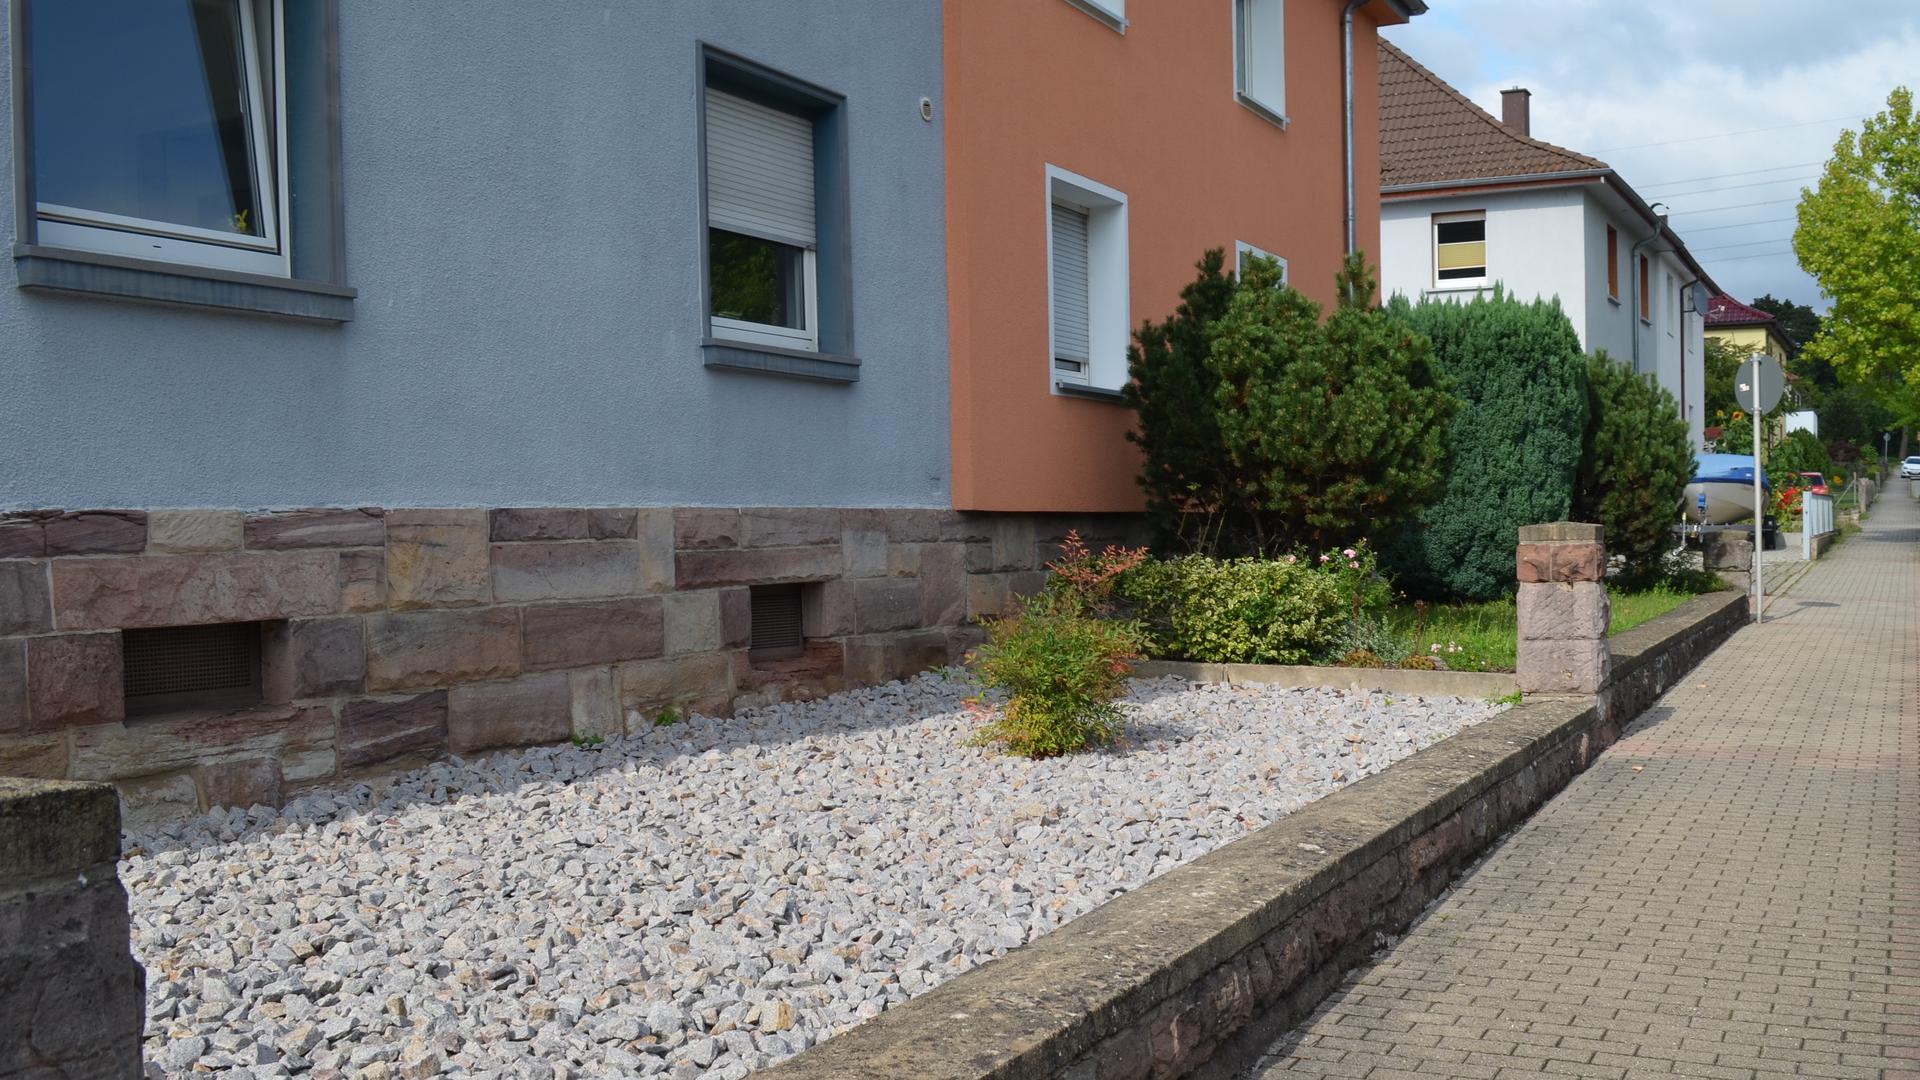 Schottergarten vor einem Haus